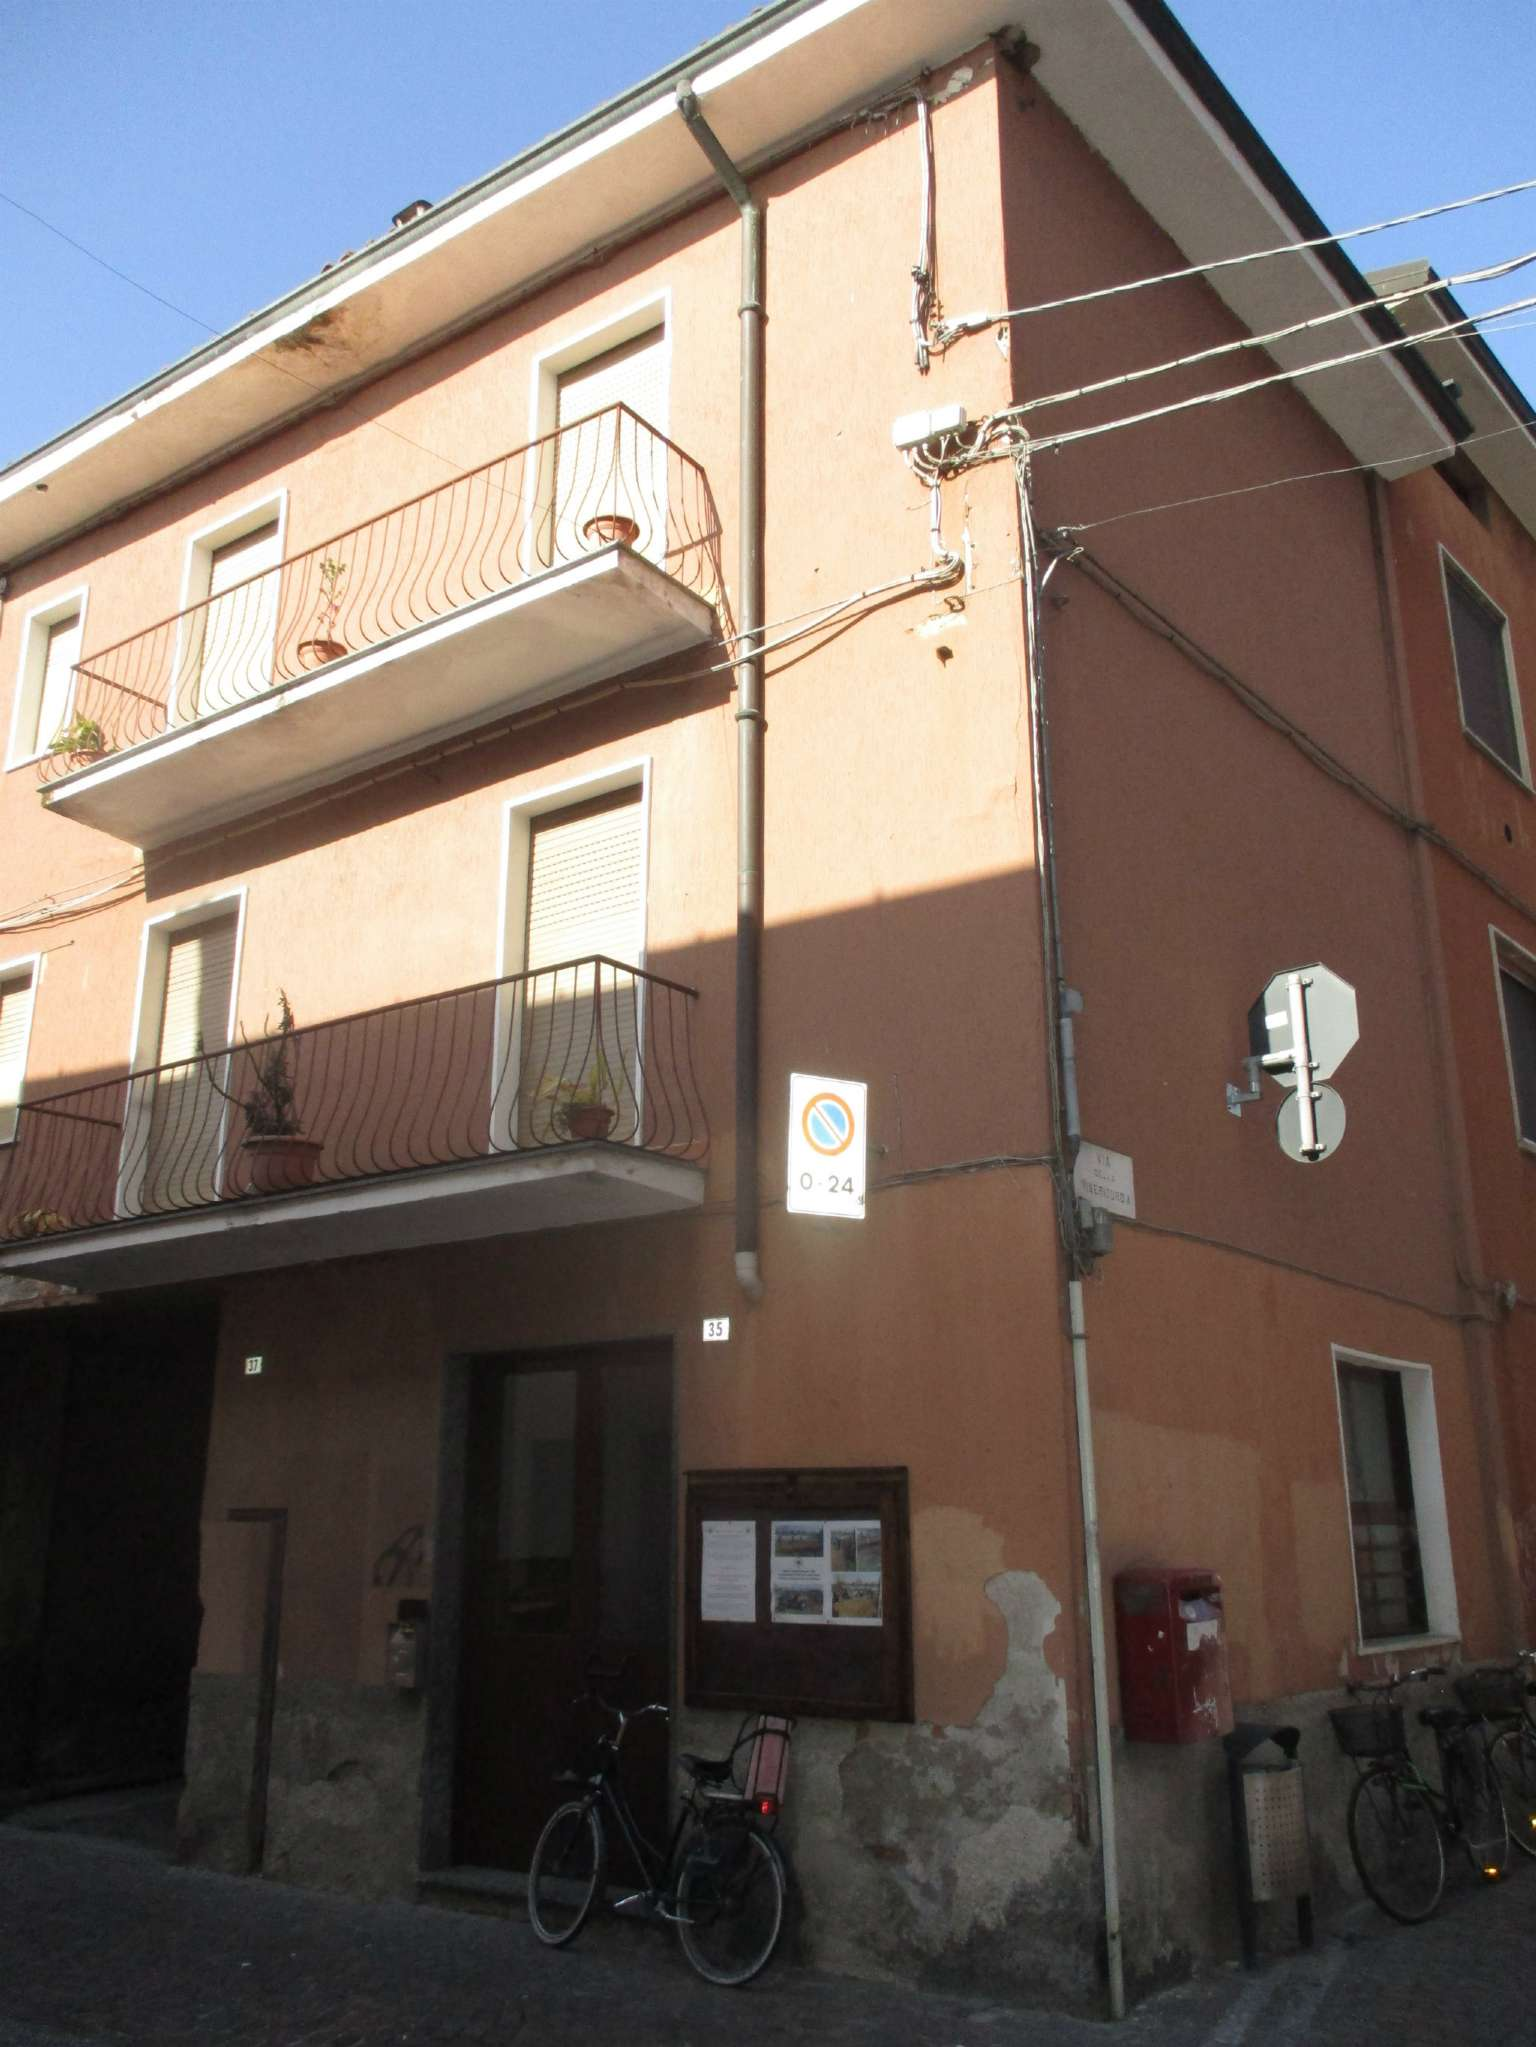 Soluzione Indipendente in vendita a Bariano, 3 locali, prezzo € 80.000   CambioCasa.it